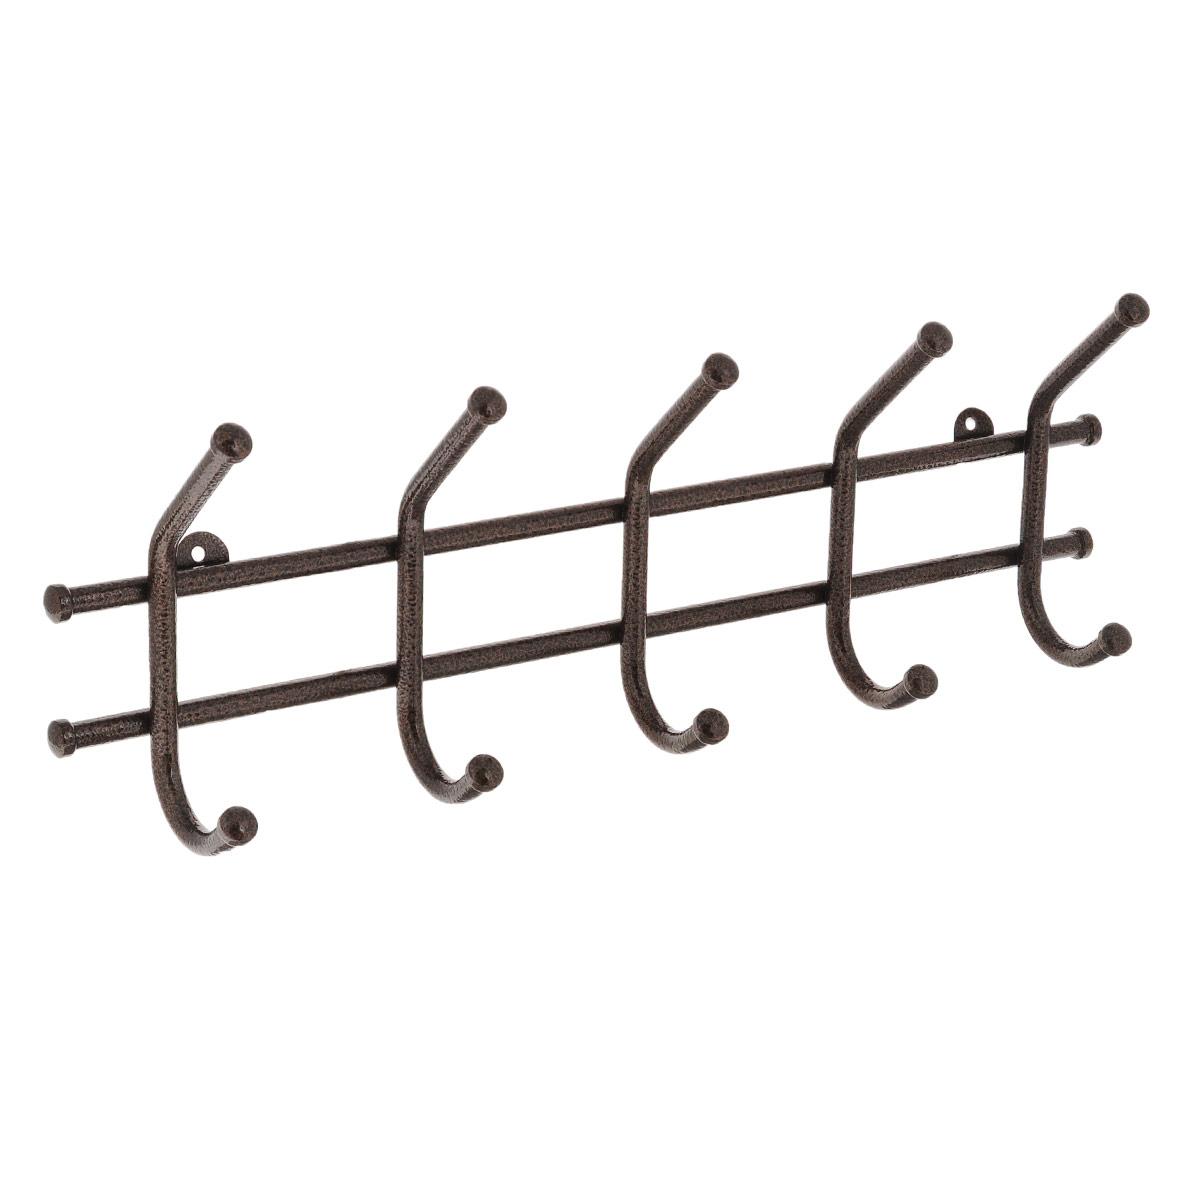 Вешалка настенная ЗМИ Норма 5, 5 крючковU210DFМеталлическая вешалка с полимерным покрытием ЗМИ Норма 5 имеет пять крючков для одежды. Крепится к стене при помощи двух шурупов (не входят в комплект).Вешалка ЗМИ Норма 5 идеально подходит для маленьких прихожих и ограниченных пространств.